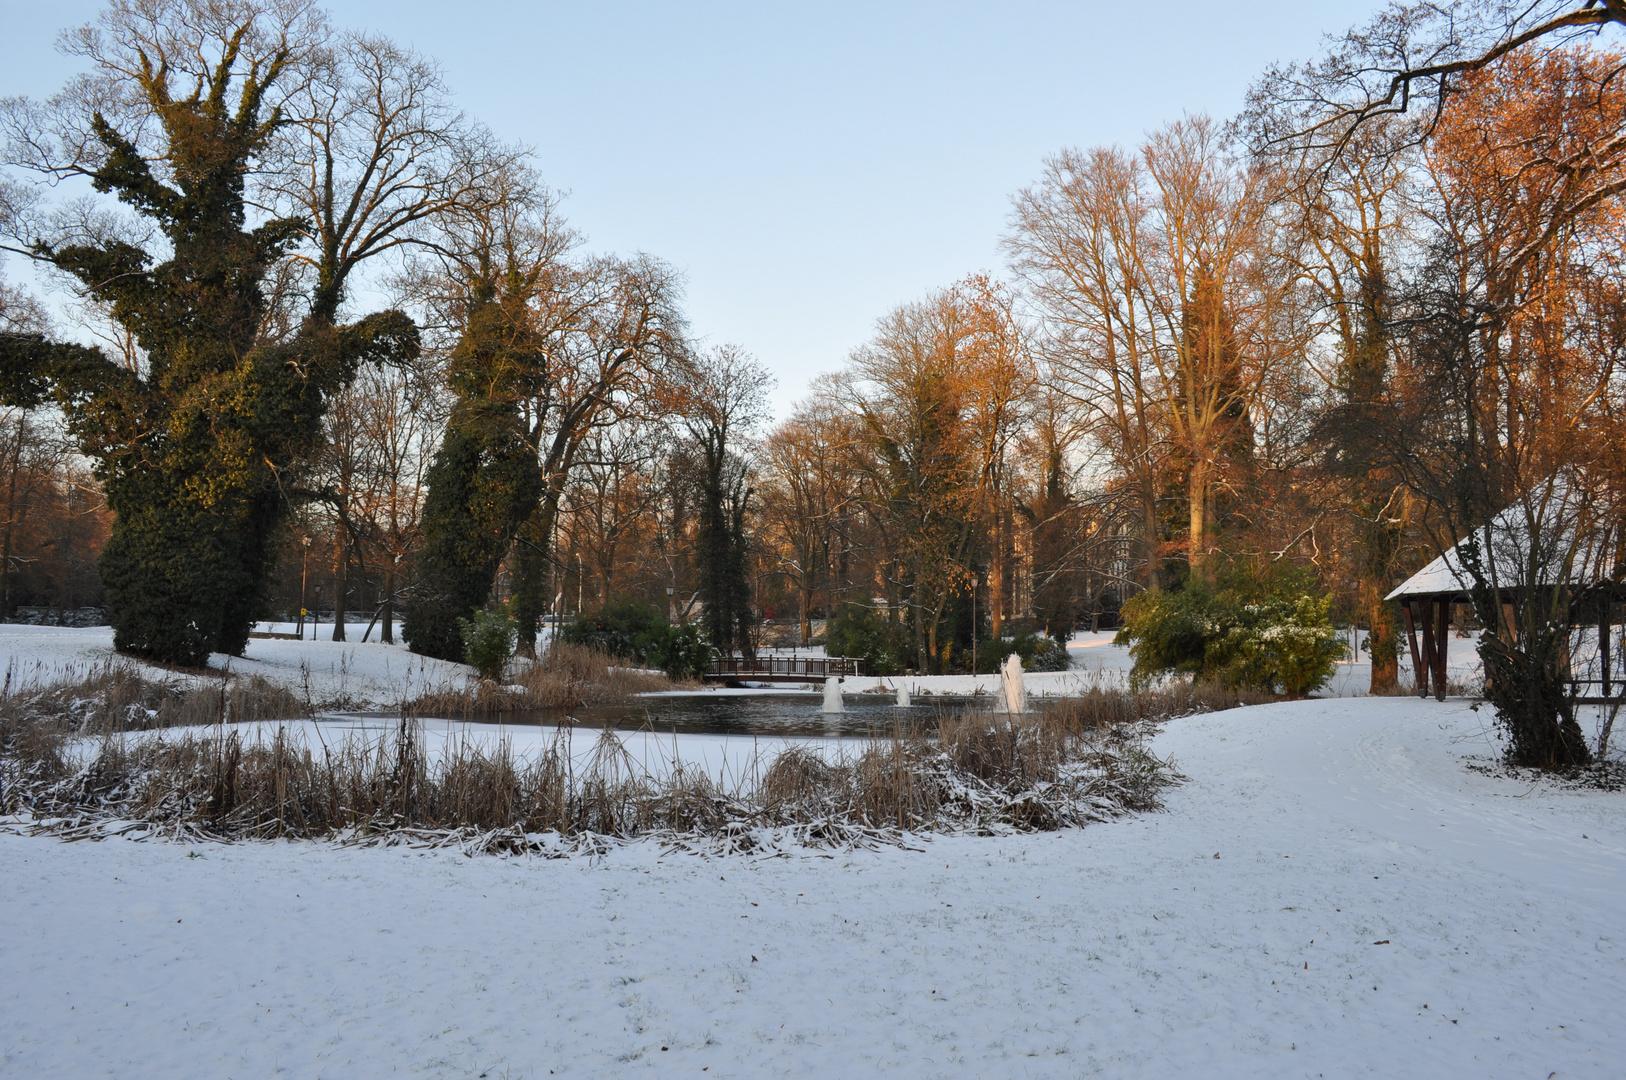 Parc du luxembourg4